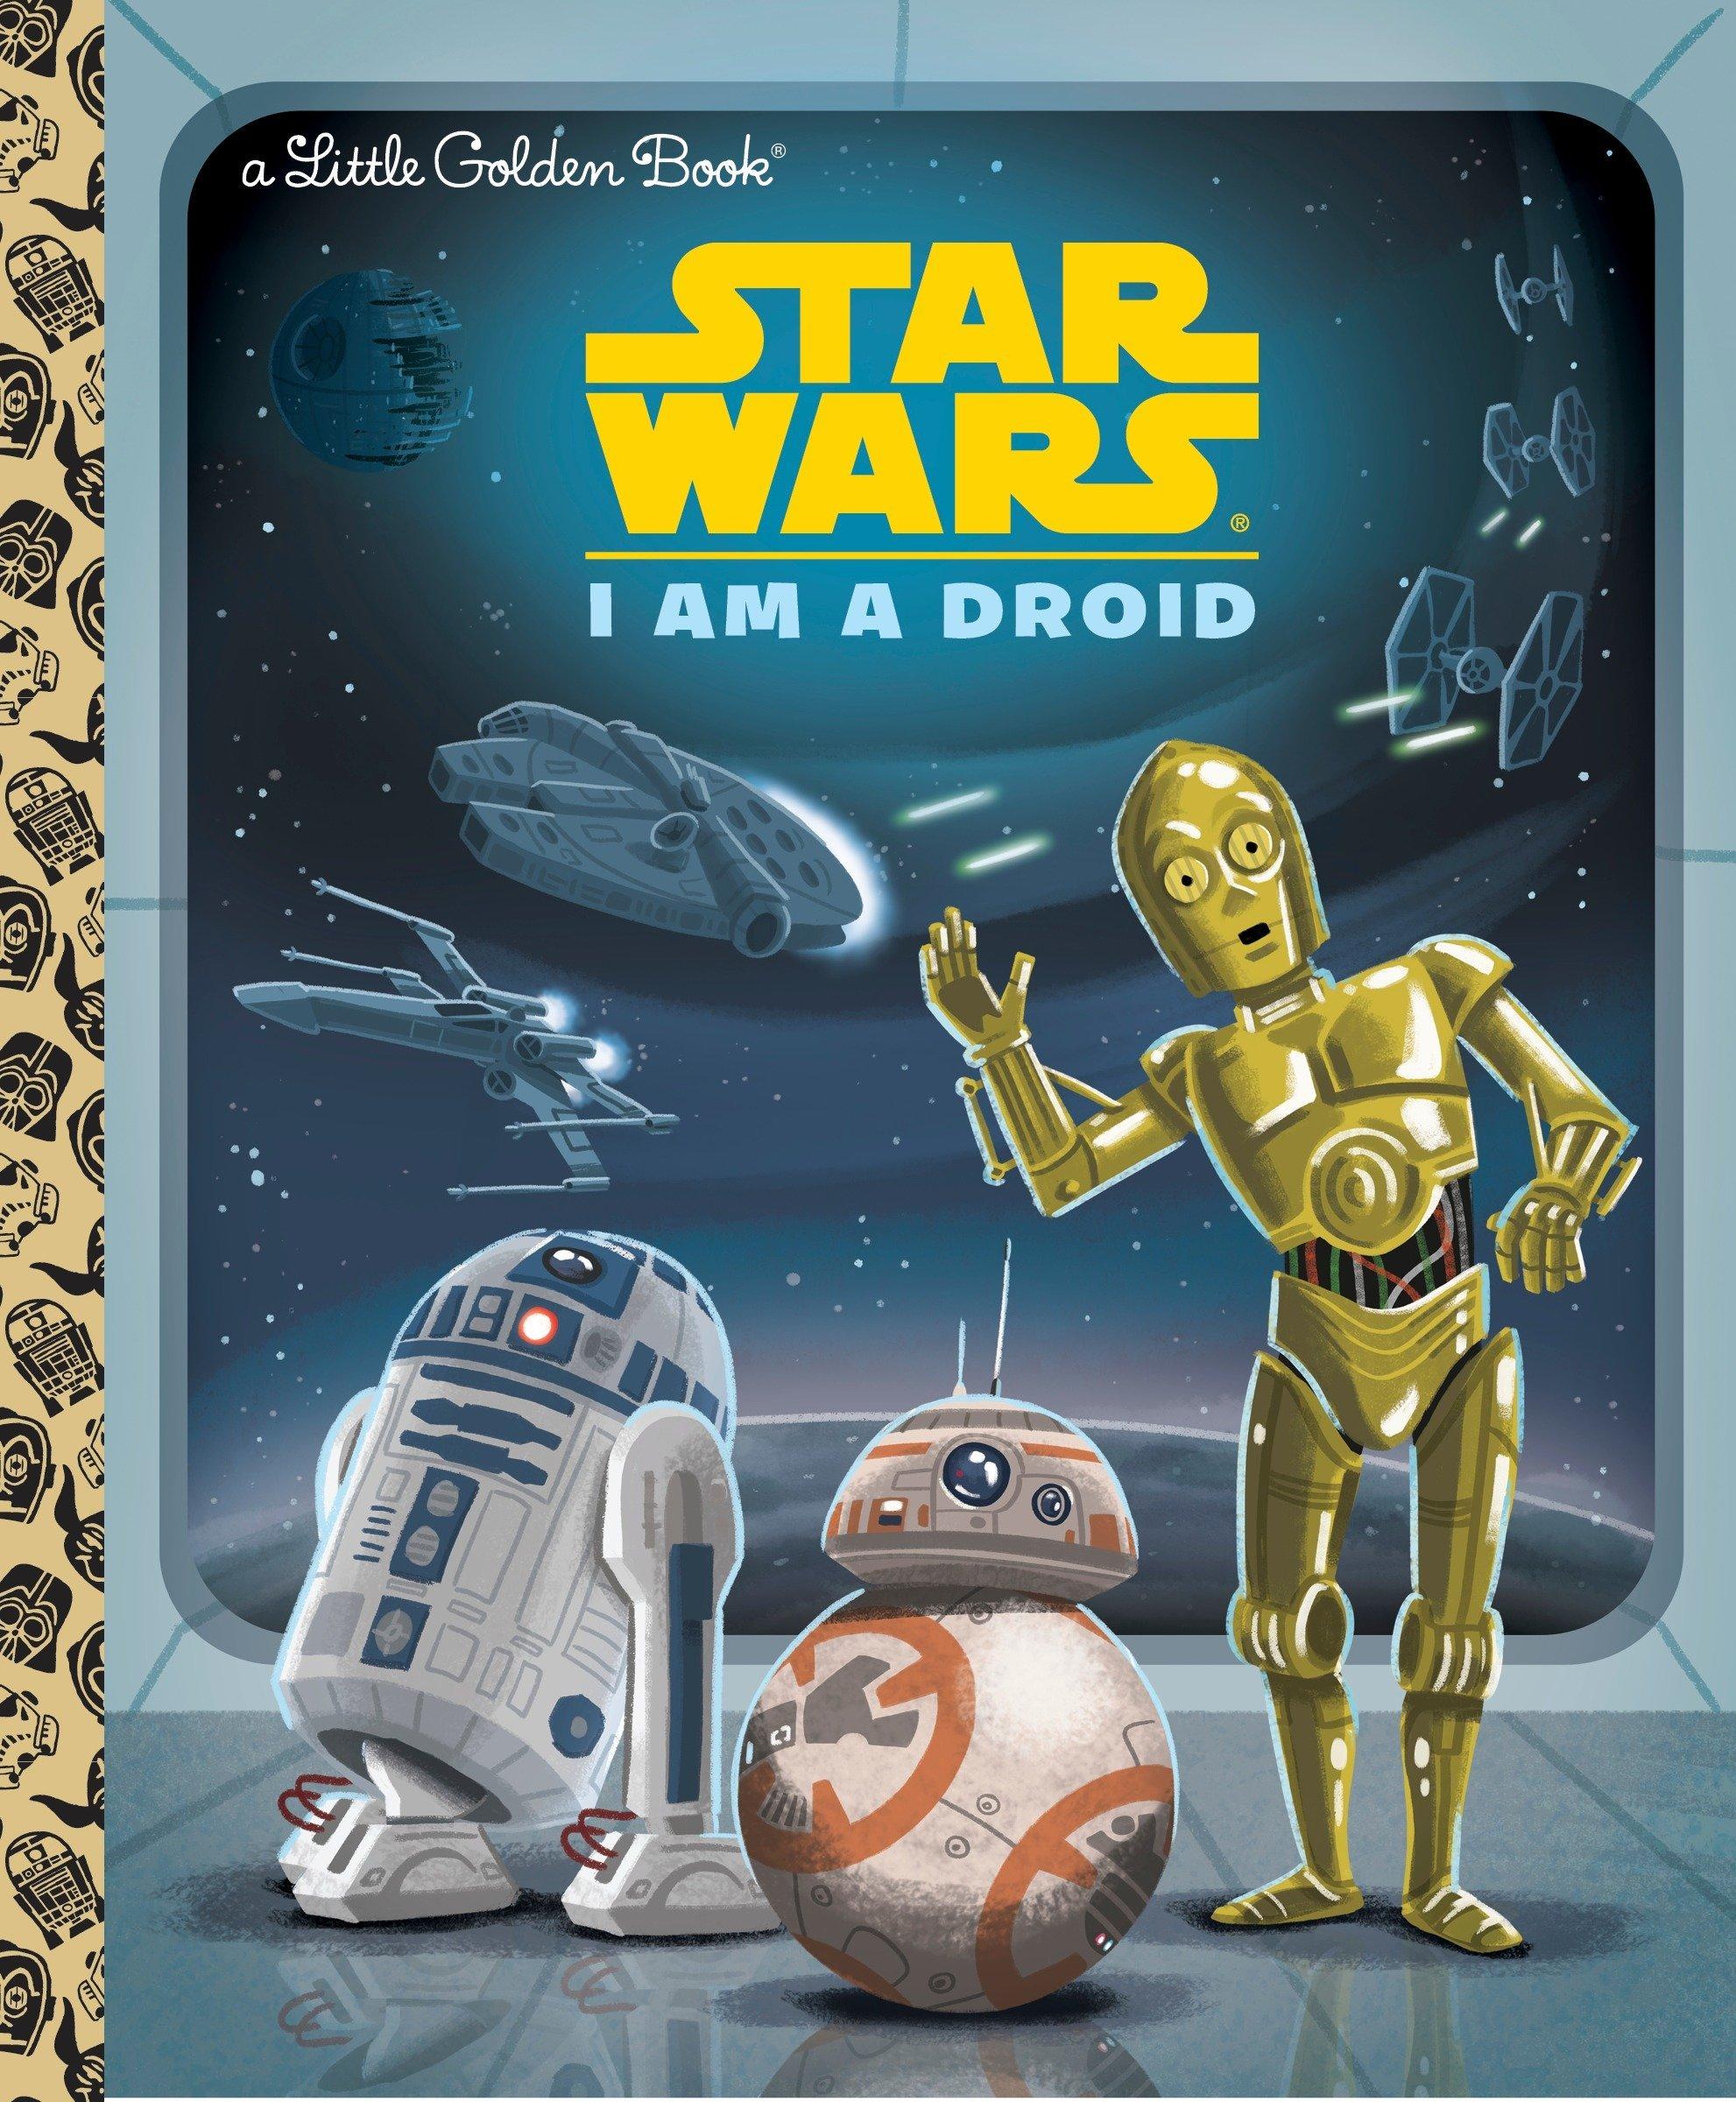 Amazon.com: I Am a Droid (Star Wars) (Little Golden Book) (9780736434898): Golden  Books, Chris Kennett: Books